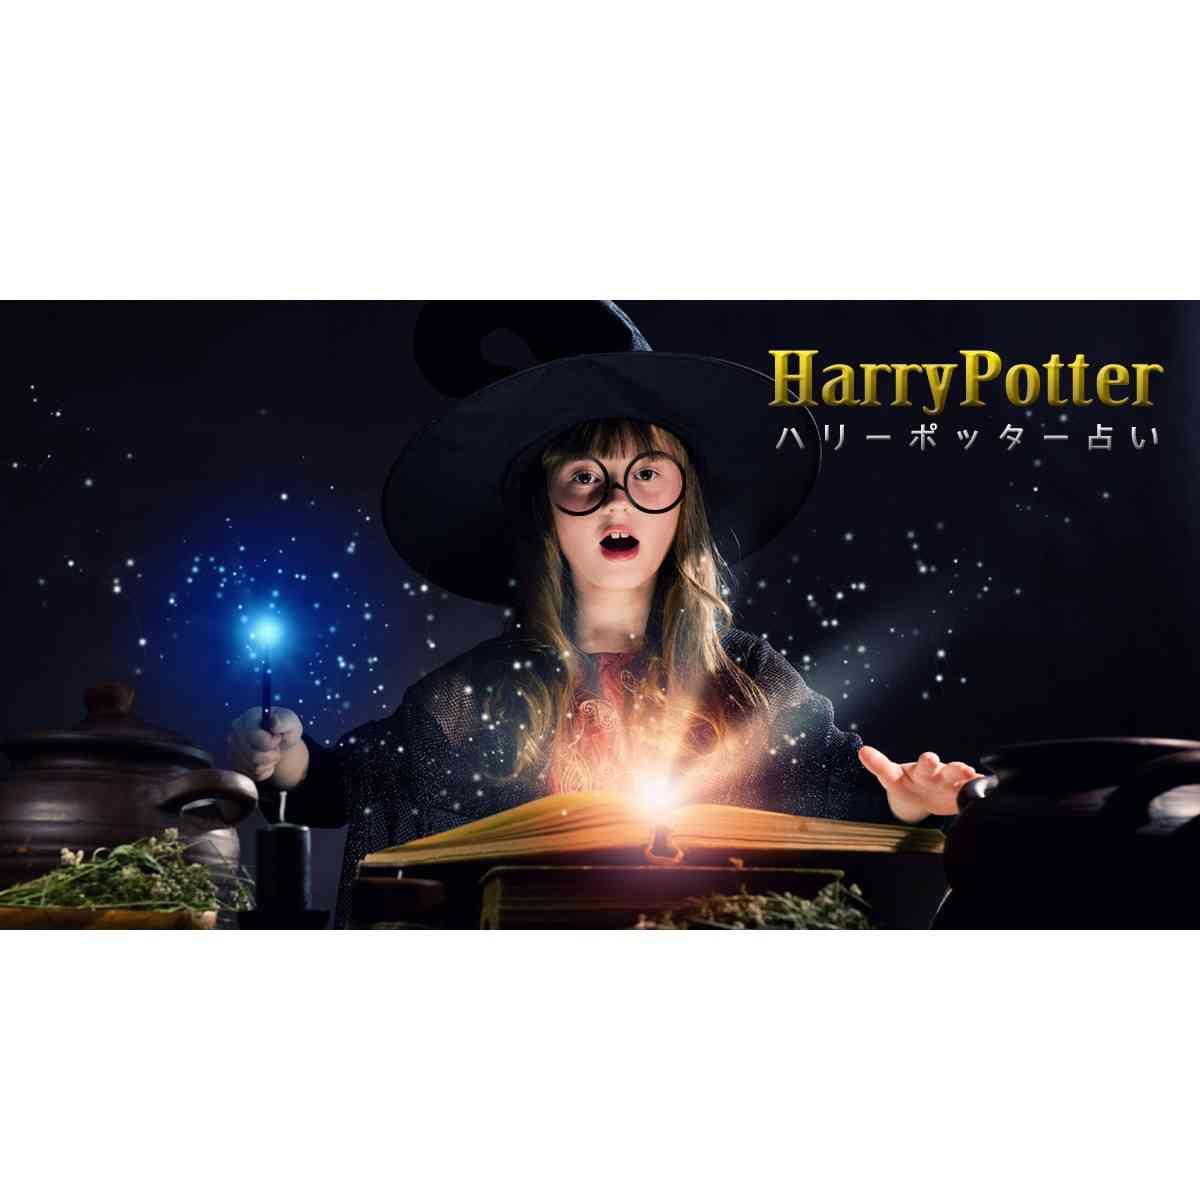 ホグワーツ魔法魔術学校に入学!ハリーポッター占い診断 | MIRRORZ(ミラーズ) 無料の心理テスト・診断・占い